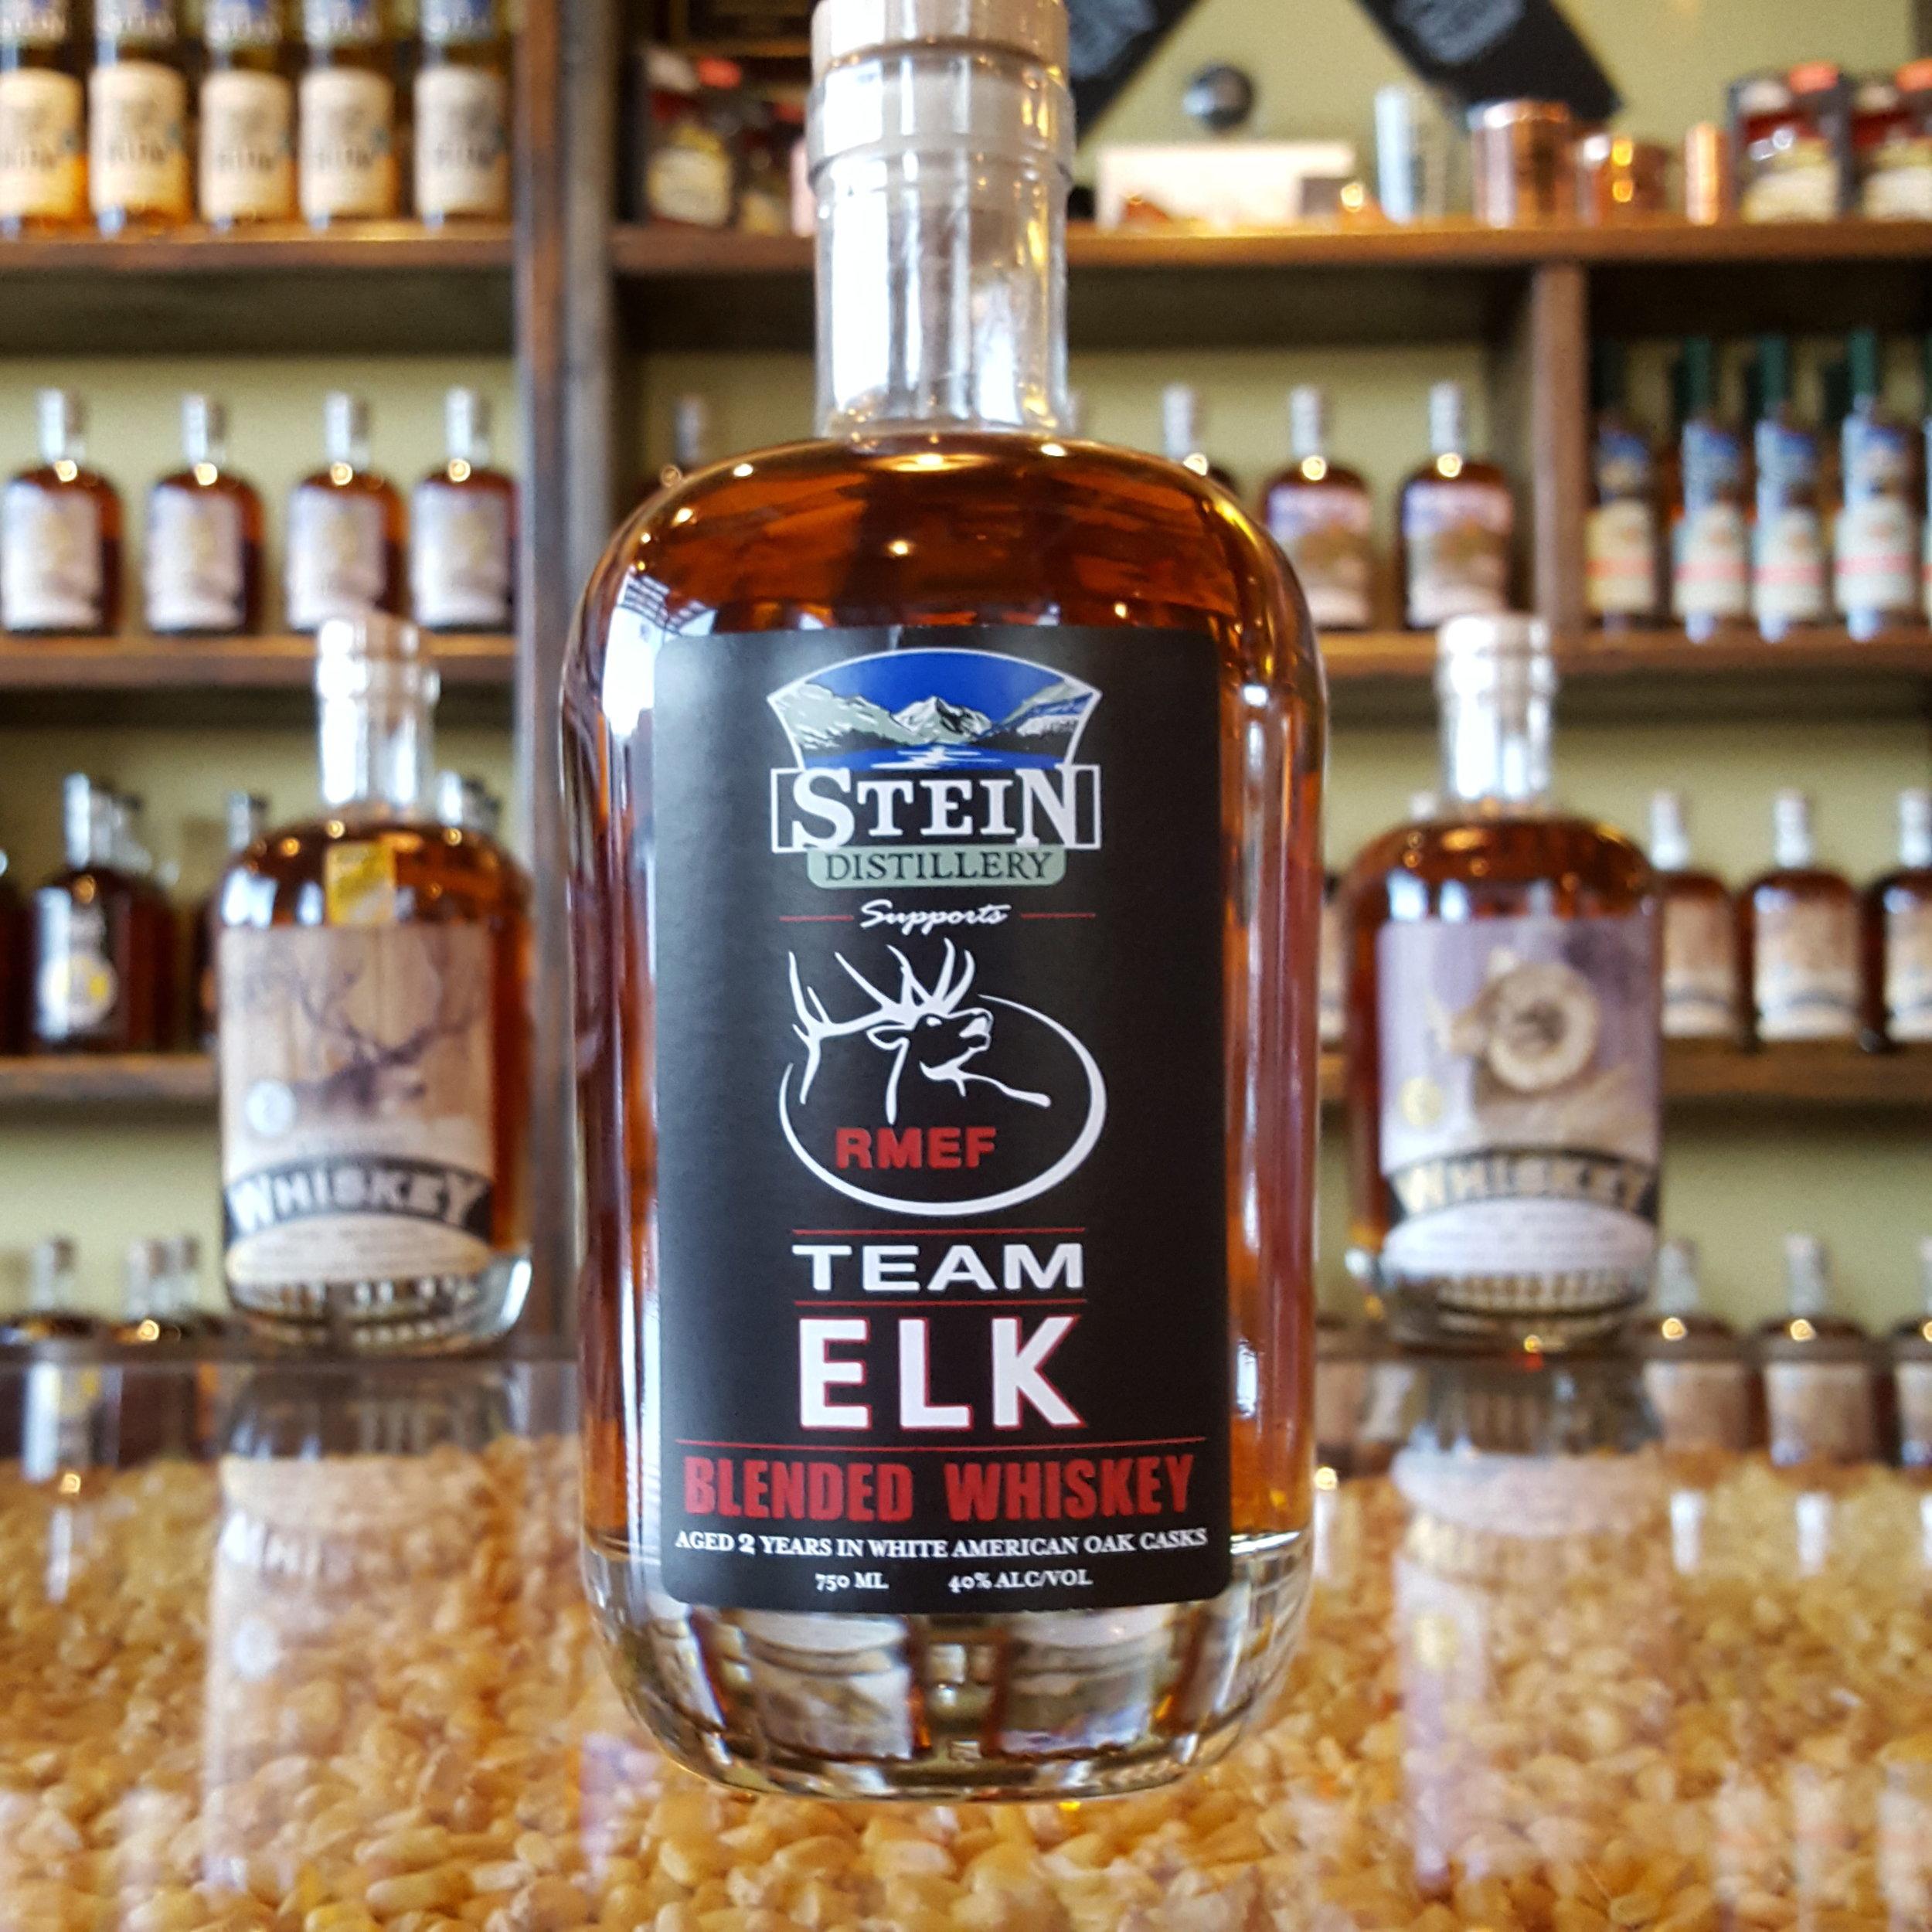 2yr Straight Blended Team Elk Whiskey - OLCC Code: 2626B